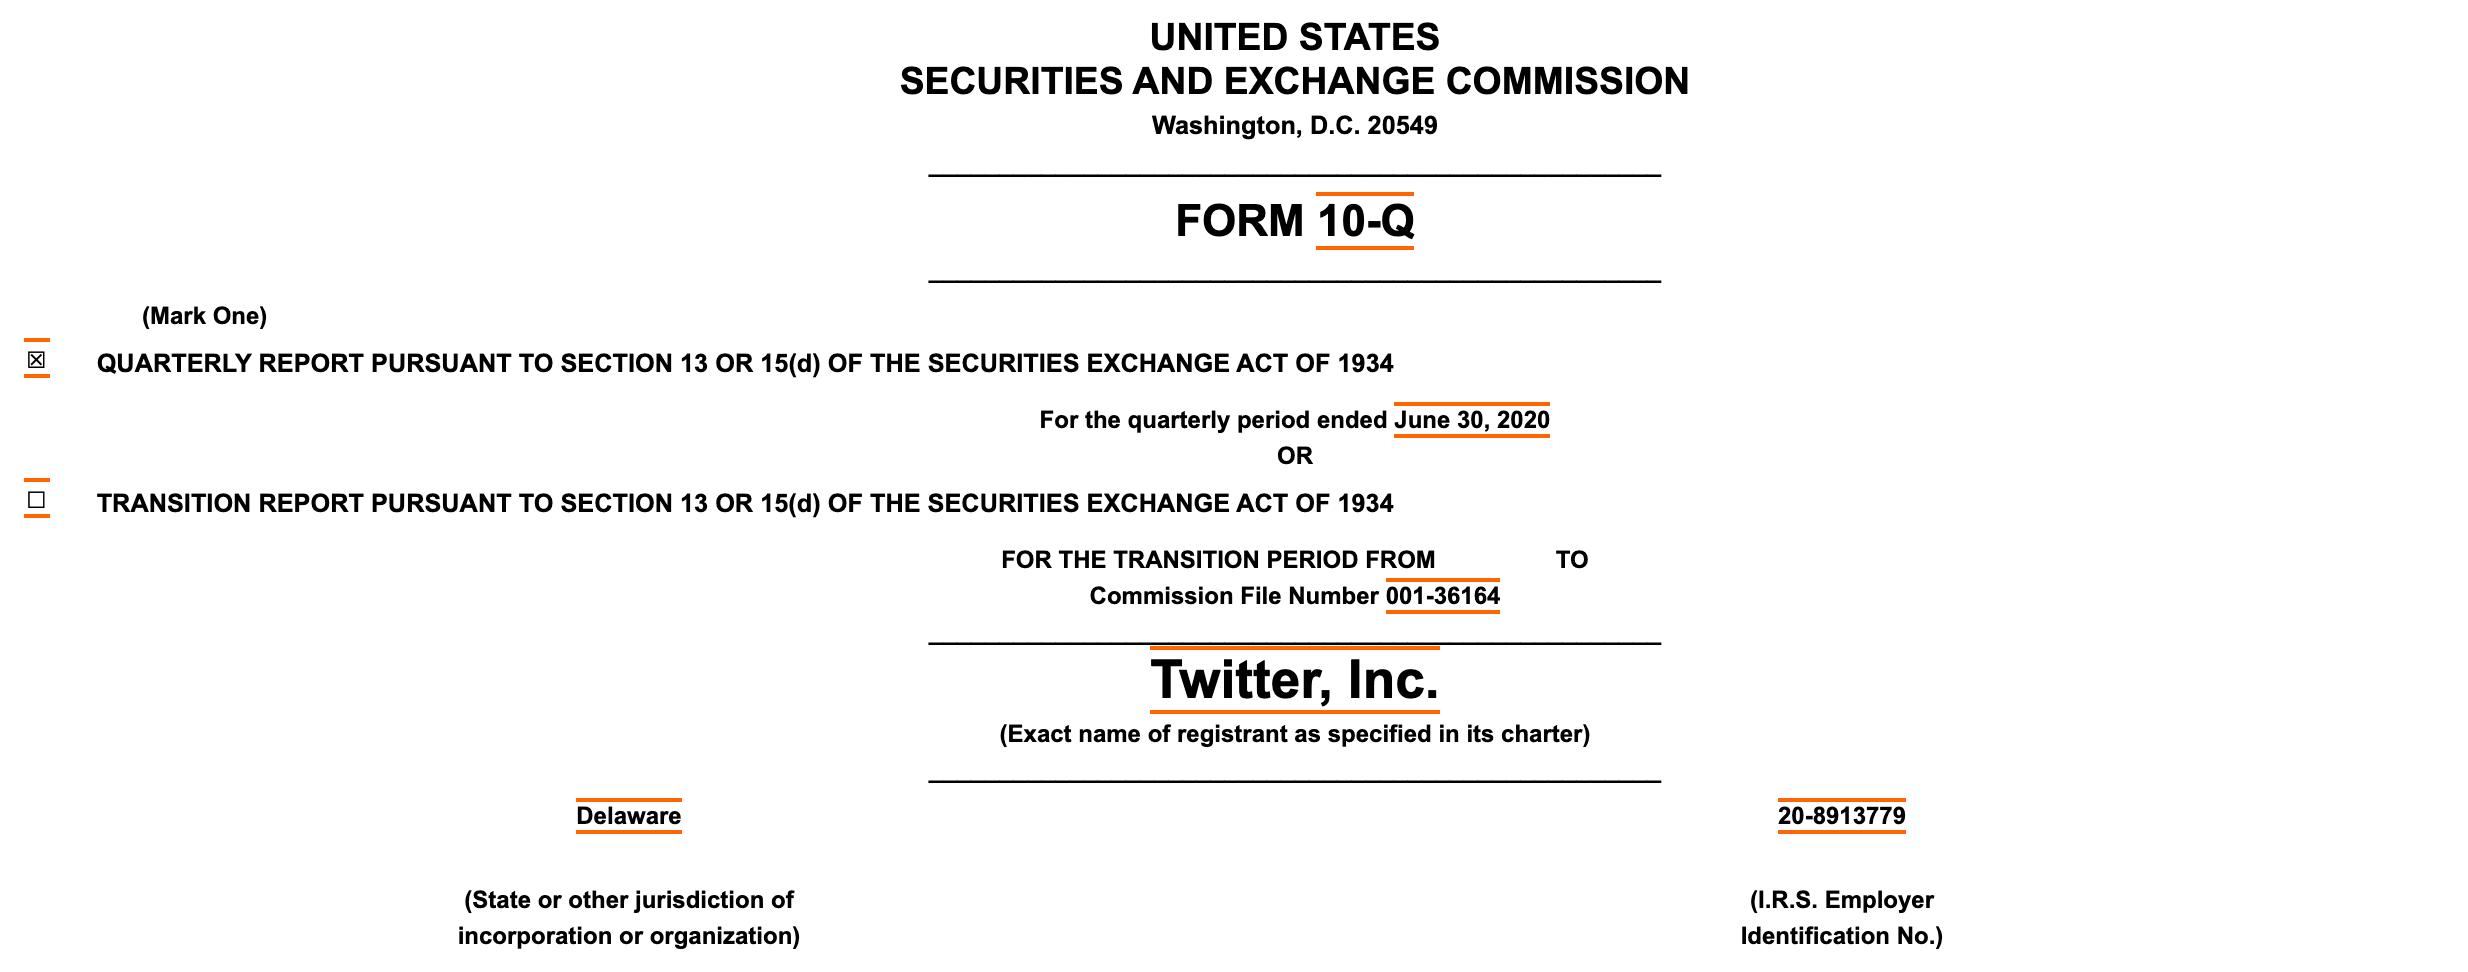 用户 推特将用户数据用于广告投放,在美国或被罚款2.5亿美元